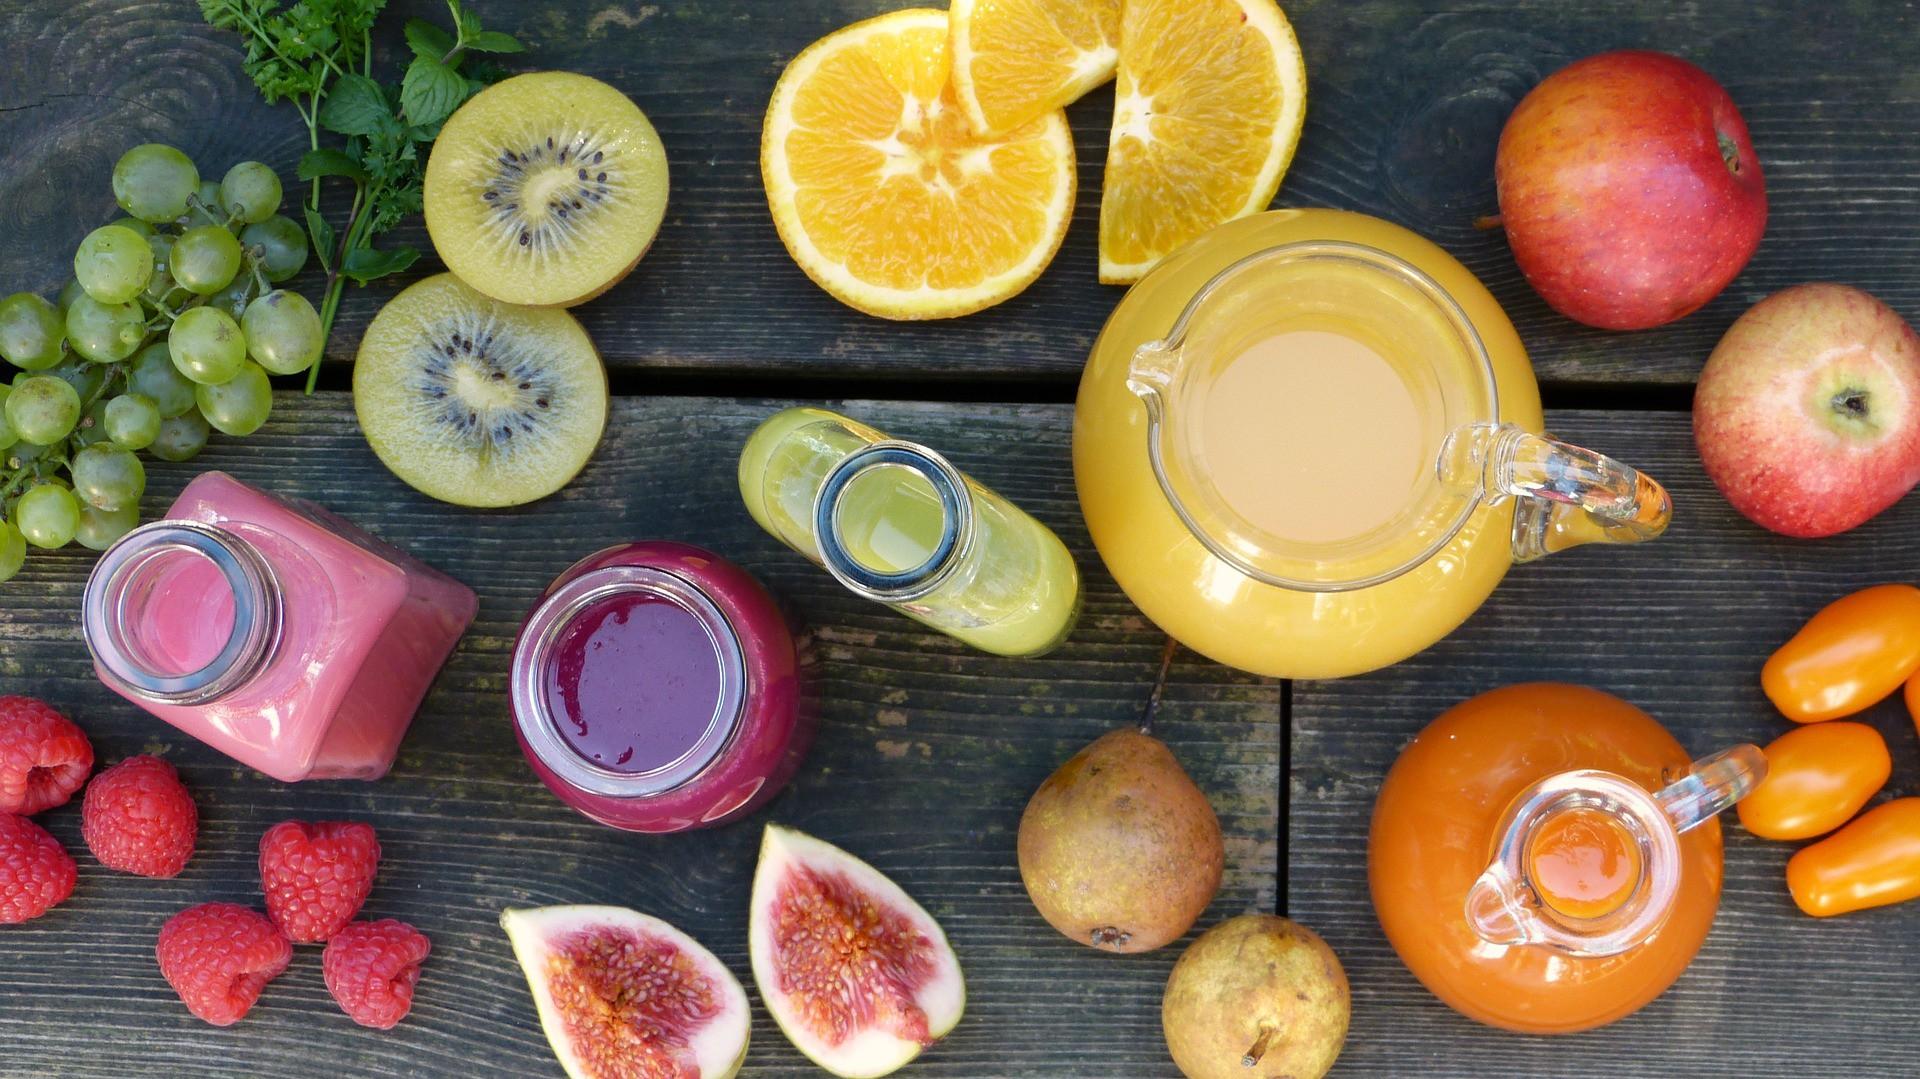 Moszcz nie tylko z winogron, jak powstaje miazga i na co uważać?